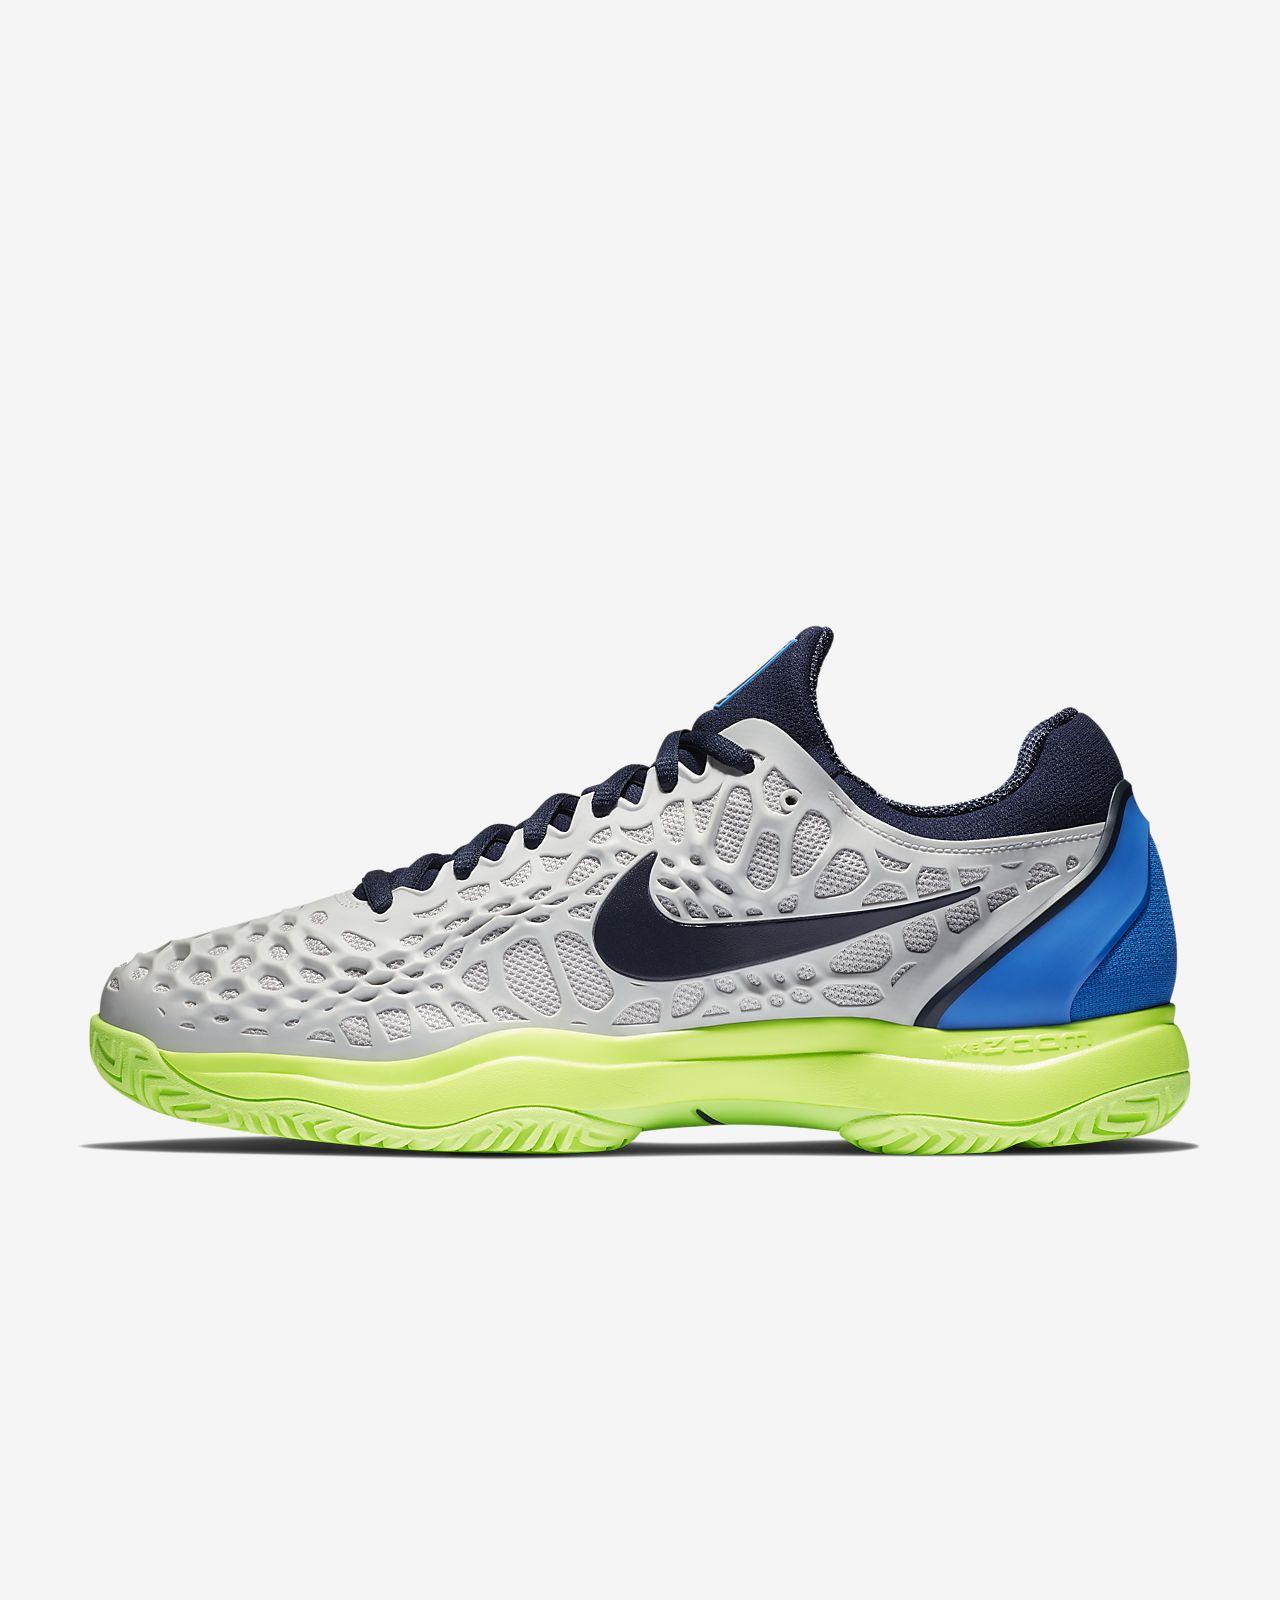 new style 9c1a3 159ac ... Tennissko NikeCourt Zoom Cage 3 Hard Court för män